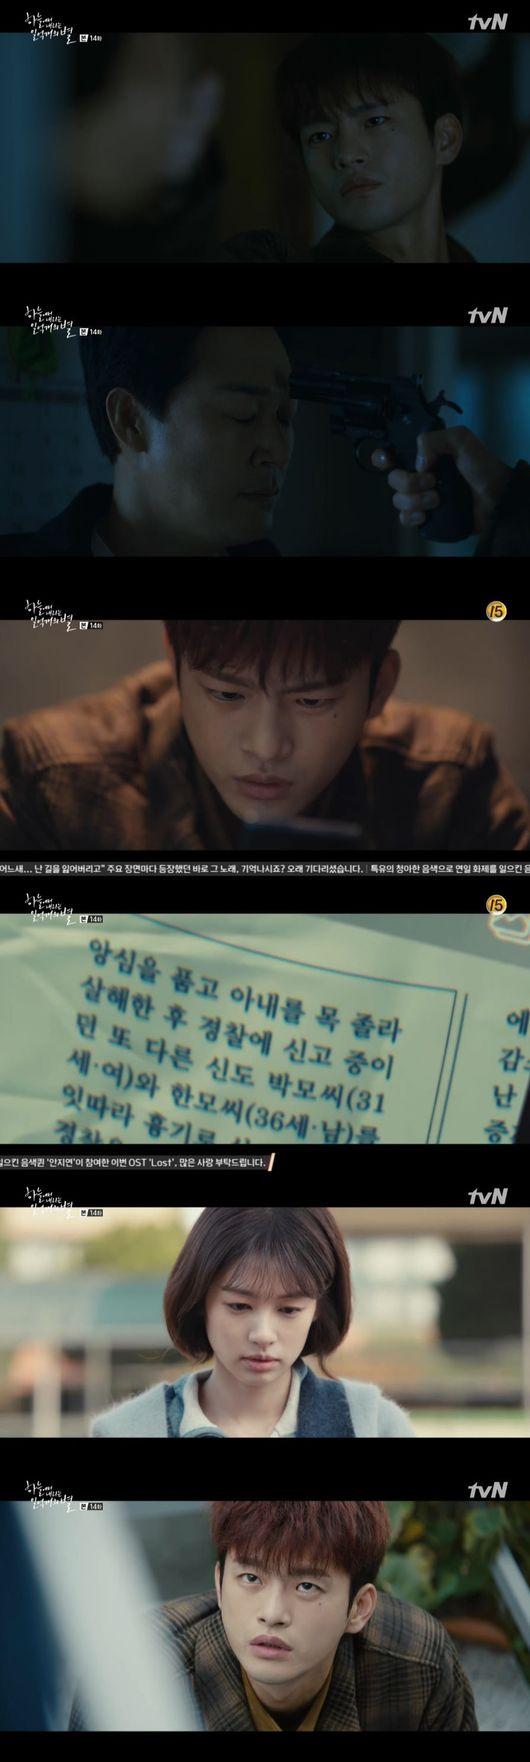 일억개의별 서인국, 박성웅 죽이지 못했다..父=살인자 충격